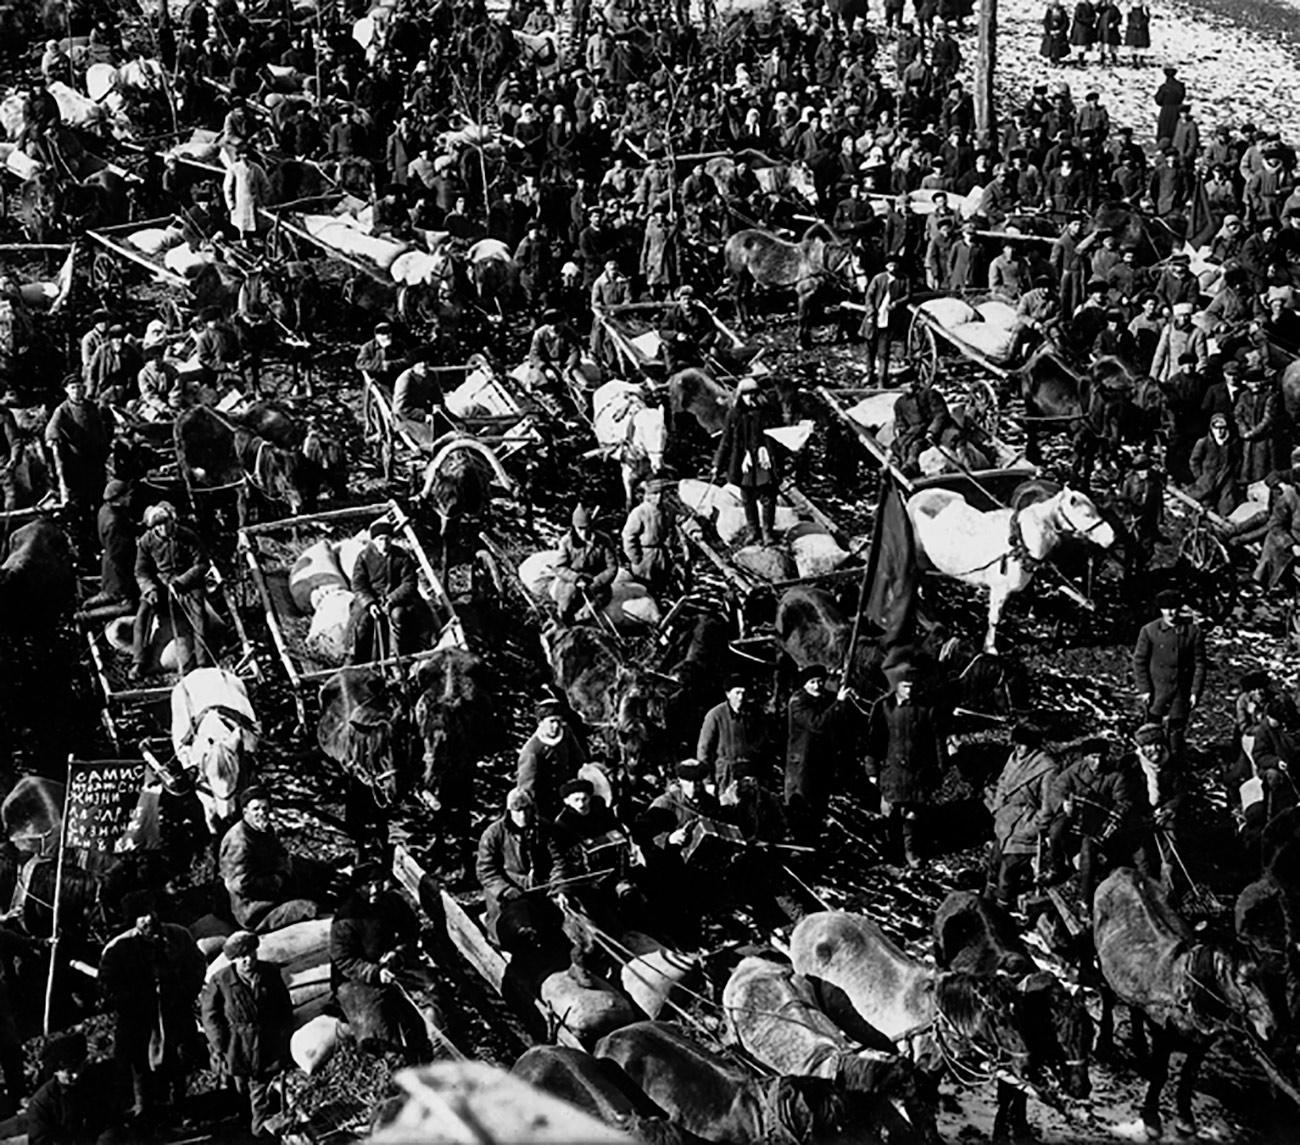 Le vecchie tradizioni del contadino russo furono distrutte. I contadini erano da sempre interessati ai frutti del loro lavoro, ma nei kolkhoz perdevano ogni spirito d'iniziativa. I primi anni della collettivizzazione furono catastrofici. Nel 1932-1933, il Paese venne colpito da una grande carestia che uccise circa 8 milioni di persone, dovuta in gran parte alla collettivizzazione